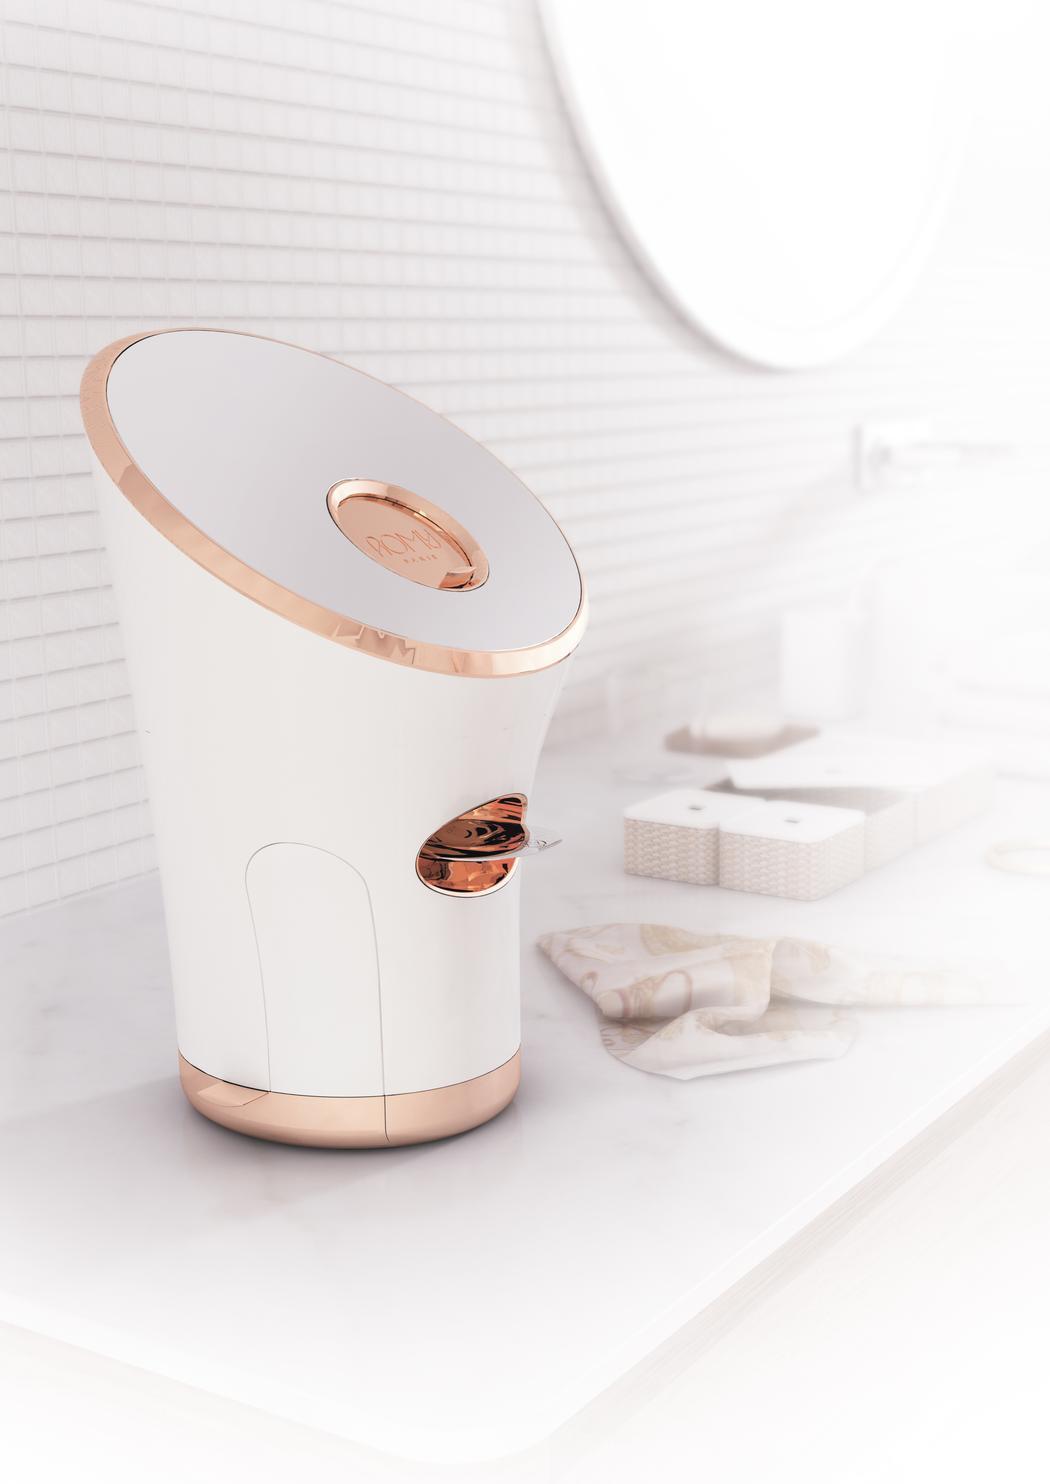 startup tour romy paris la nouvelle exp rience cosm tique connect e. Black Bedroom Furniture Sets. Home Design Ideas